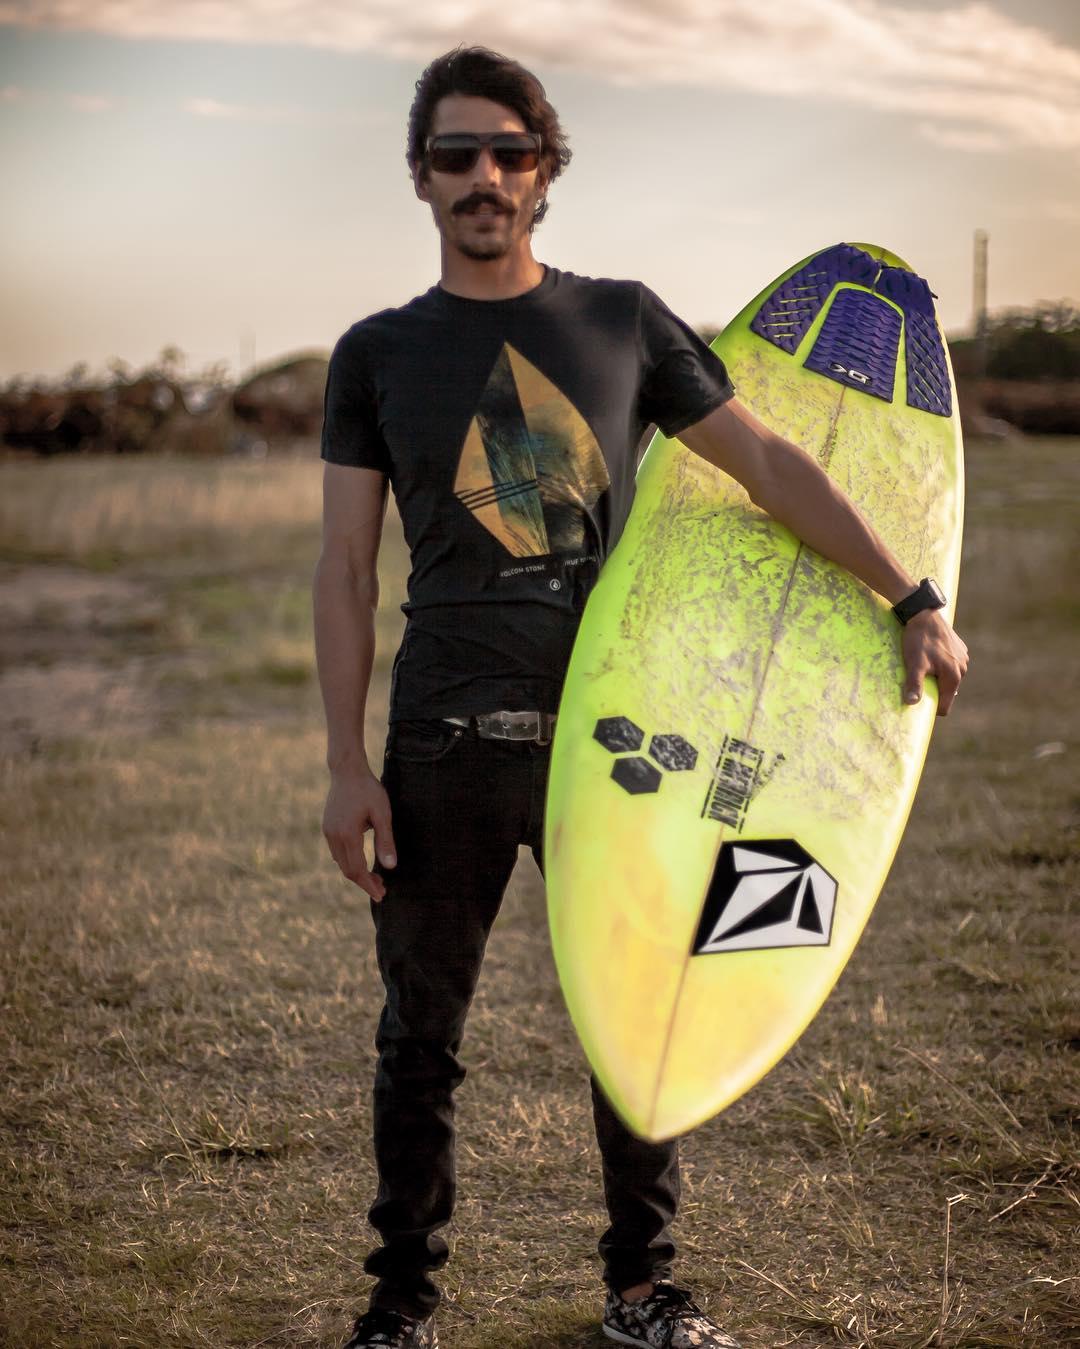 Fran @fran_ferreras y su pasión por la búsqueda de olas gigantes eso es #truetothis #welcometowater ph: @juanvaleriani